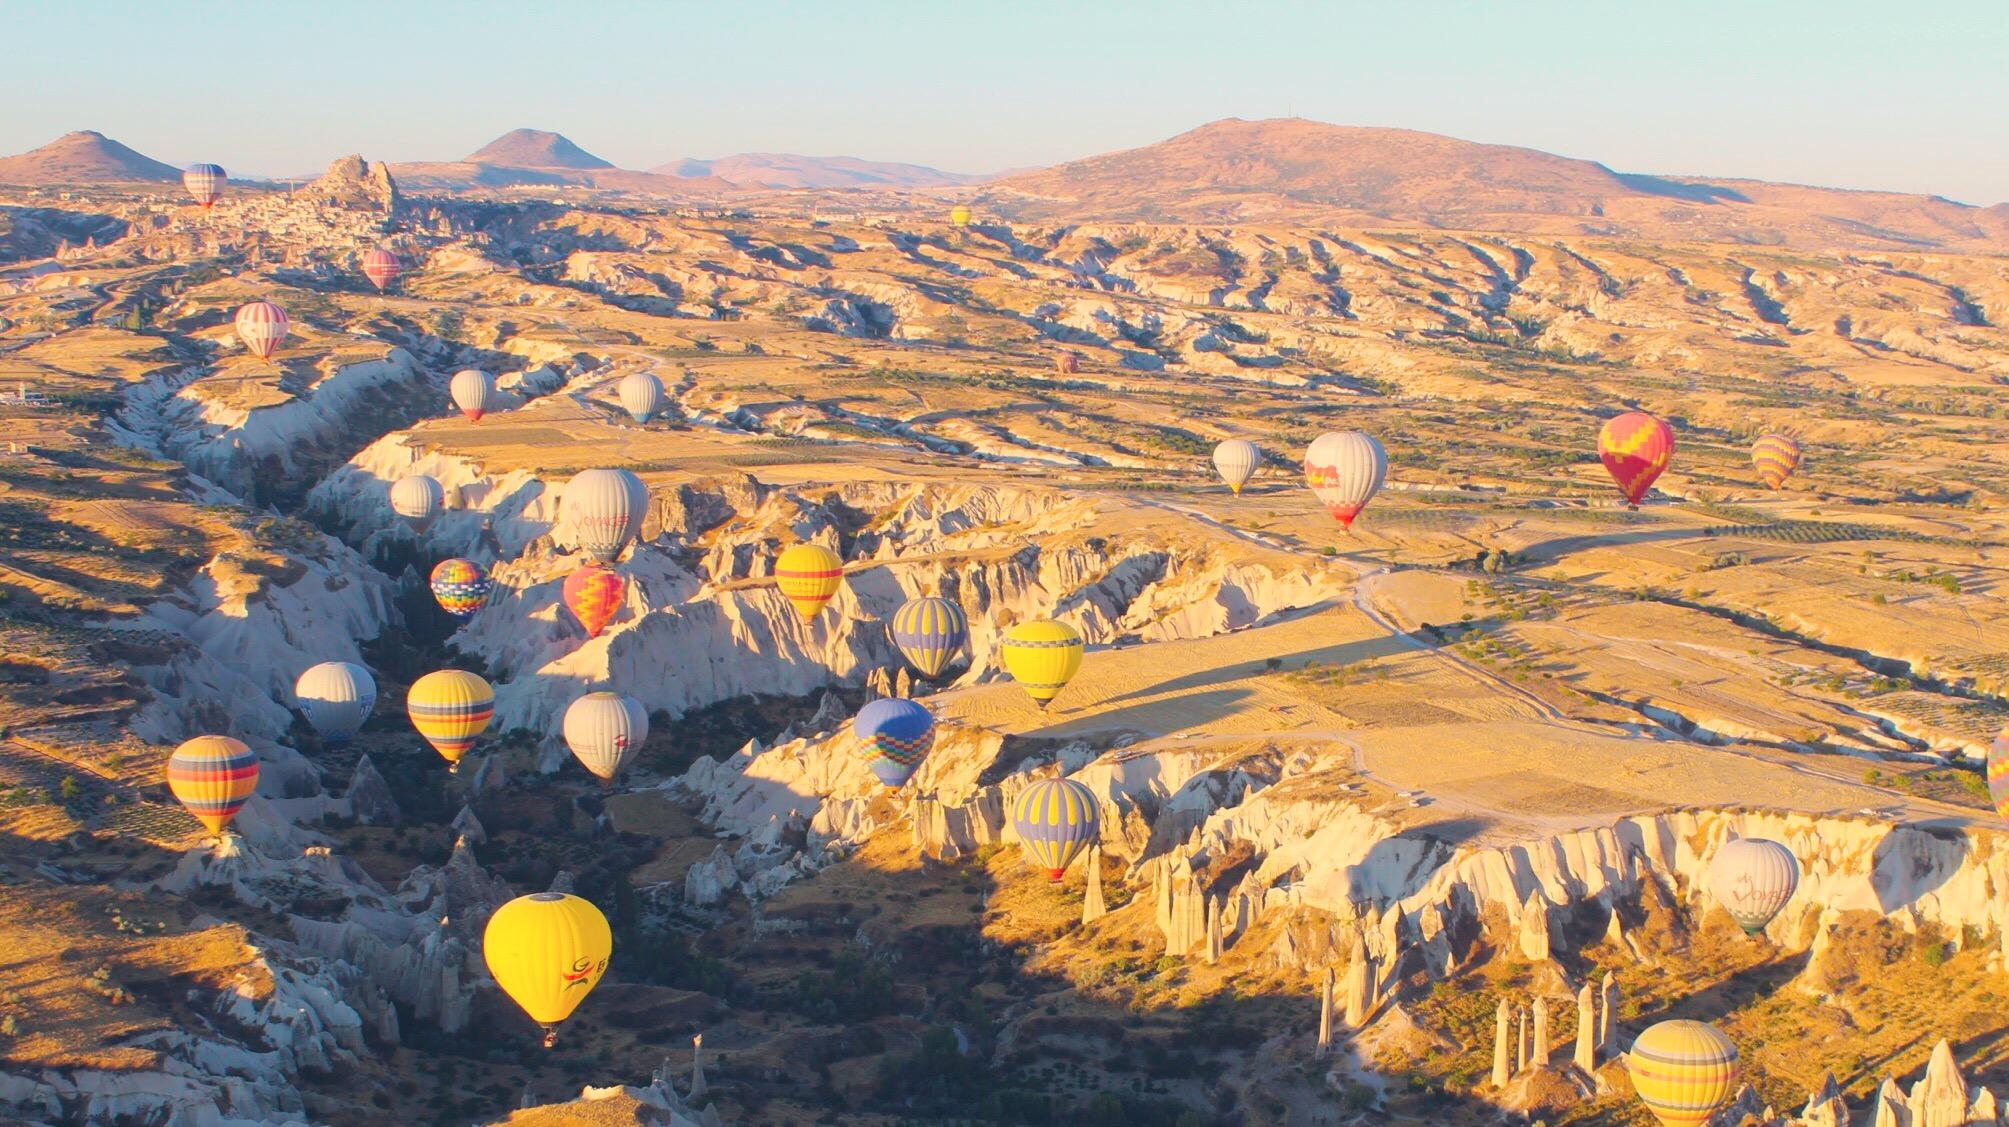 Ankara to Cappadocia – Day 03 & 04 Topdeck Turkey Explored Tour